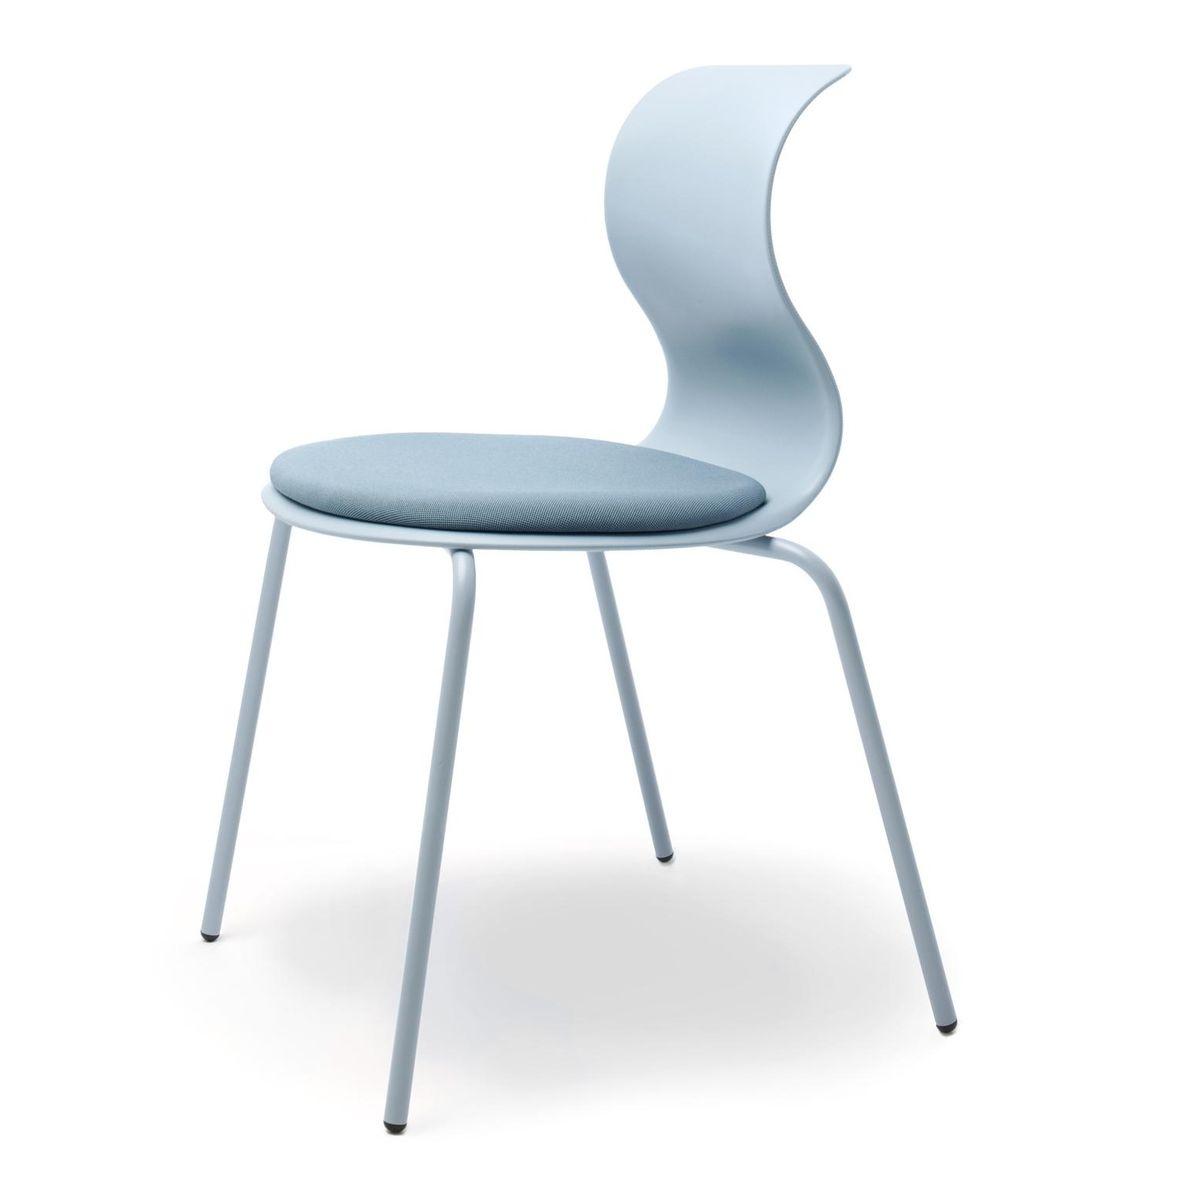 pro 6 stuhl sitzauflage fl totto sitzkissen auflagen textilien. Black Bedroom Furniture Sets. Home Design Ideas